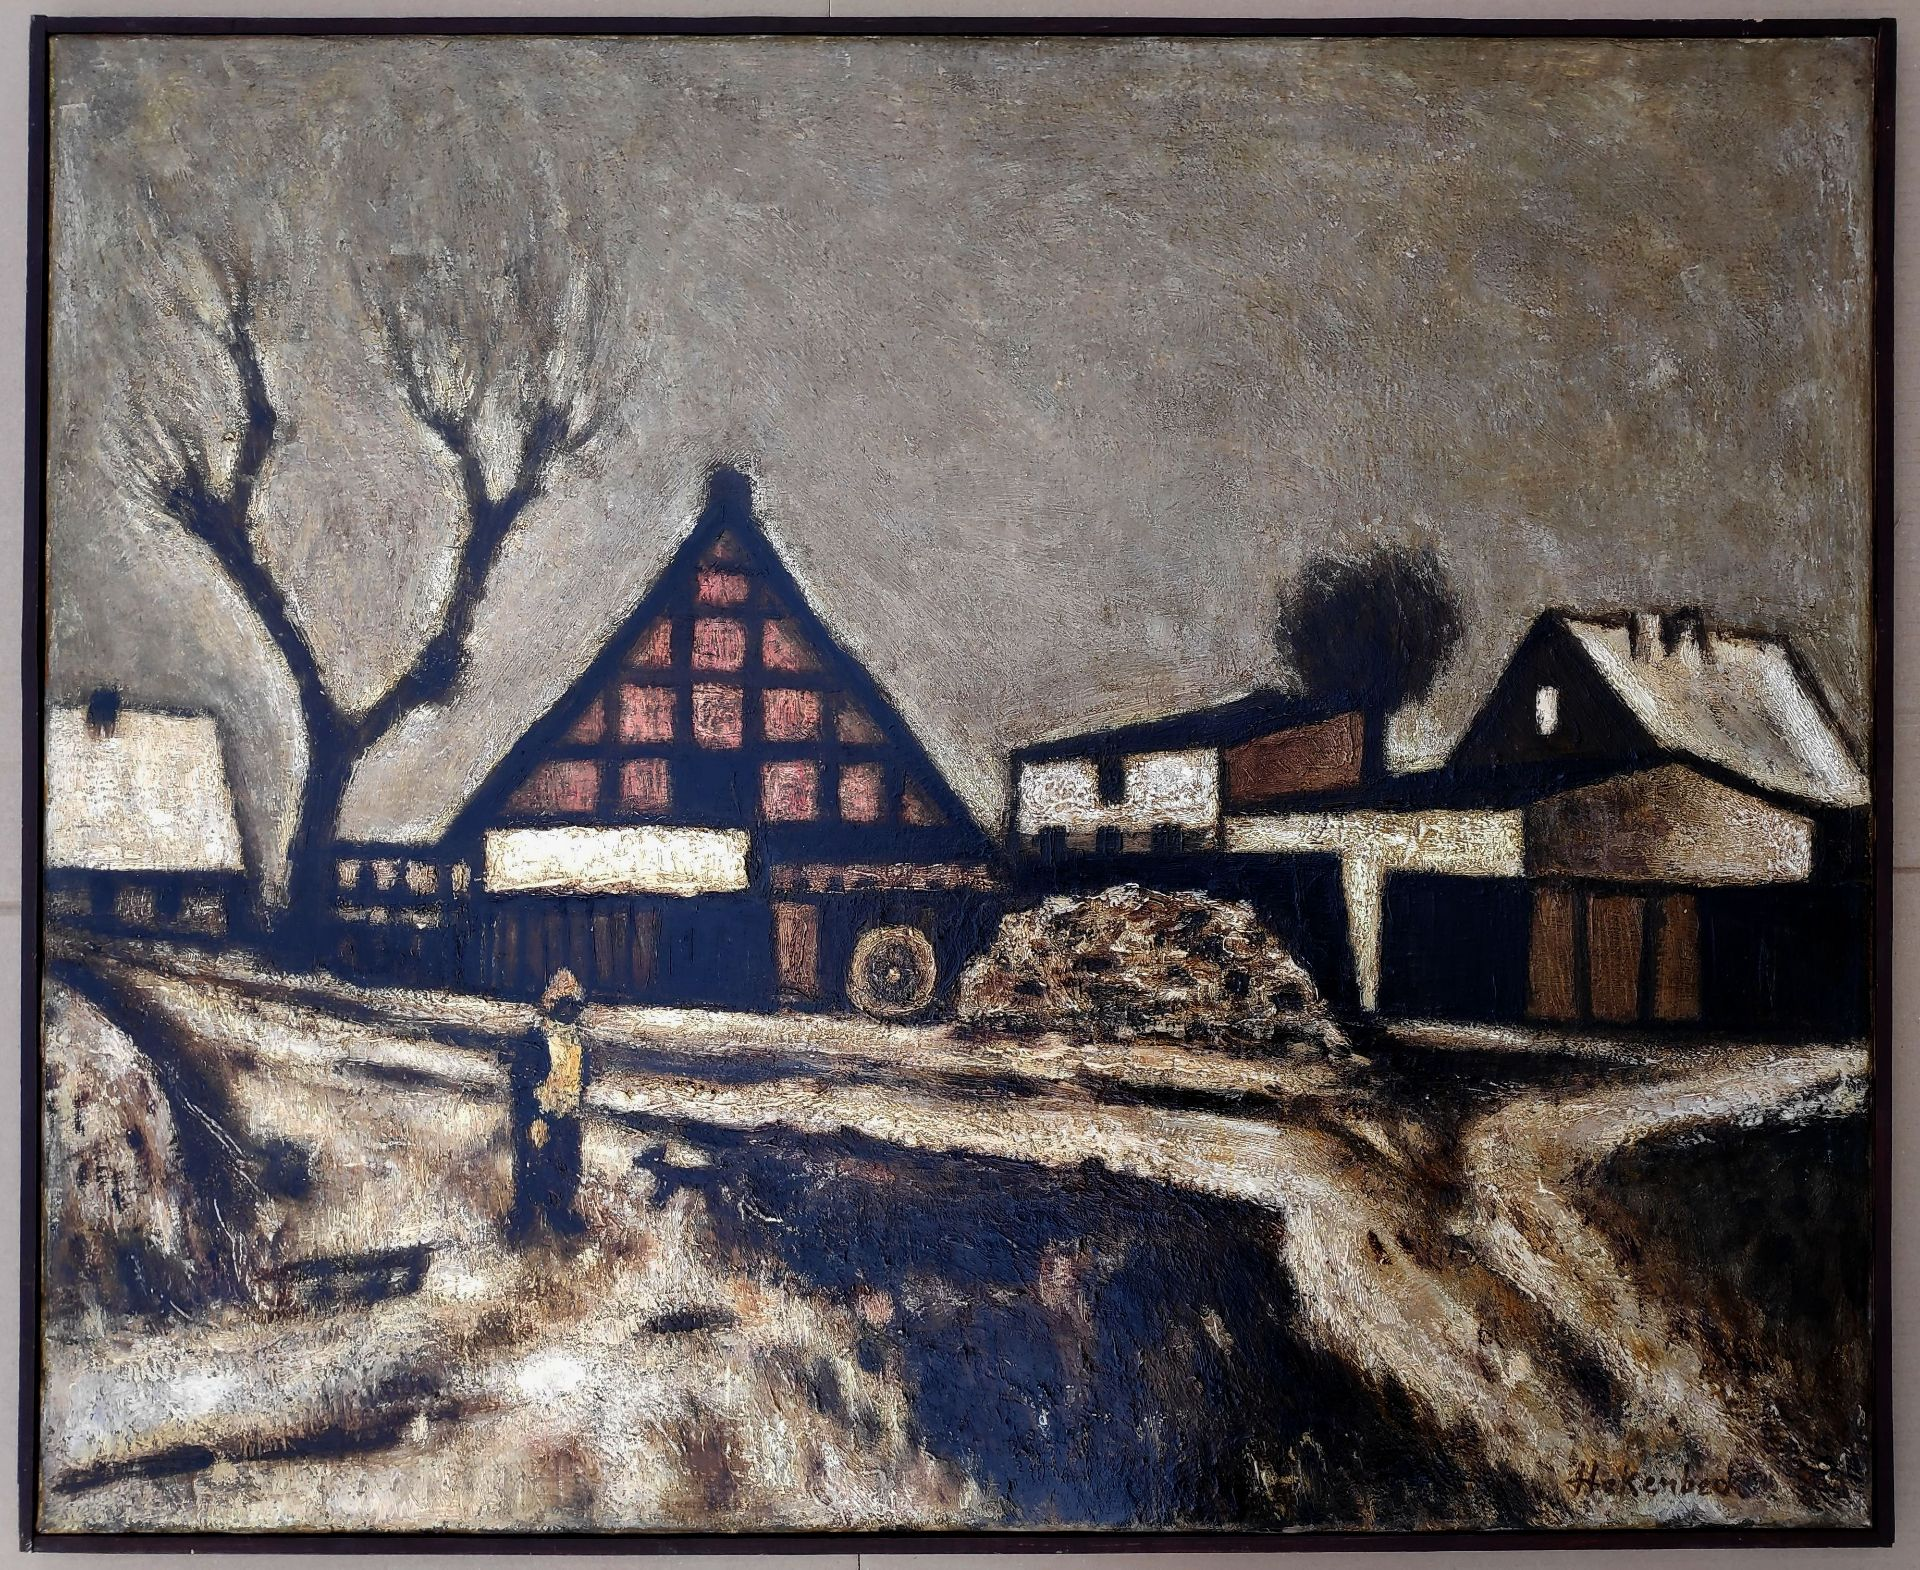 """Hakenbeck, Harald (1926 Stettin, lebt in Berlin) """"Altwarp am Stettiner Haff"""" - Bild 2 aus 3"""